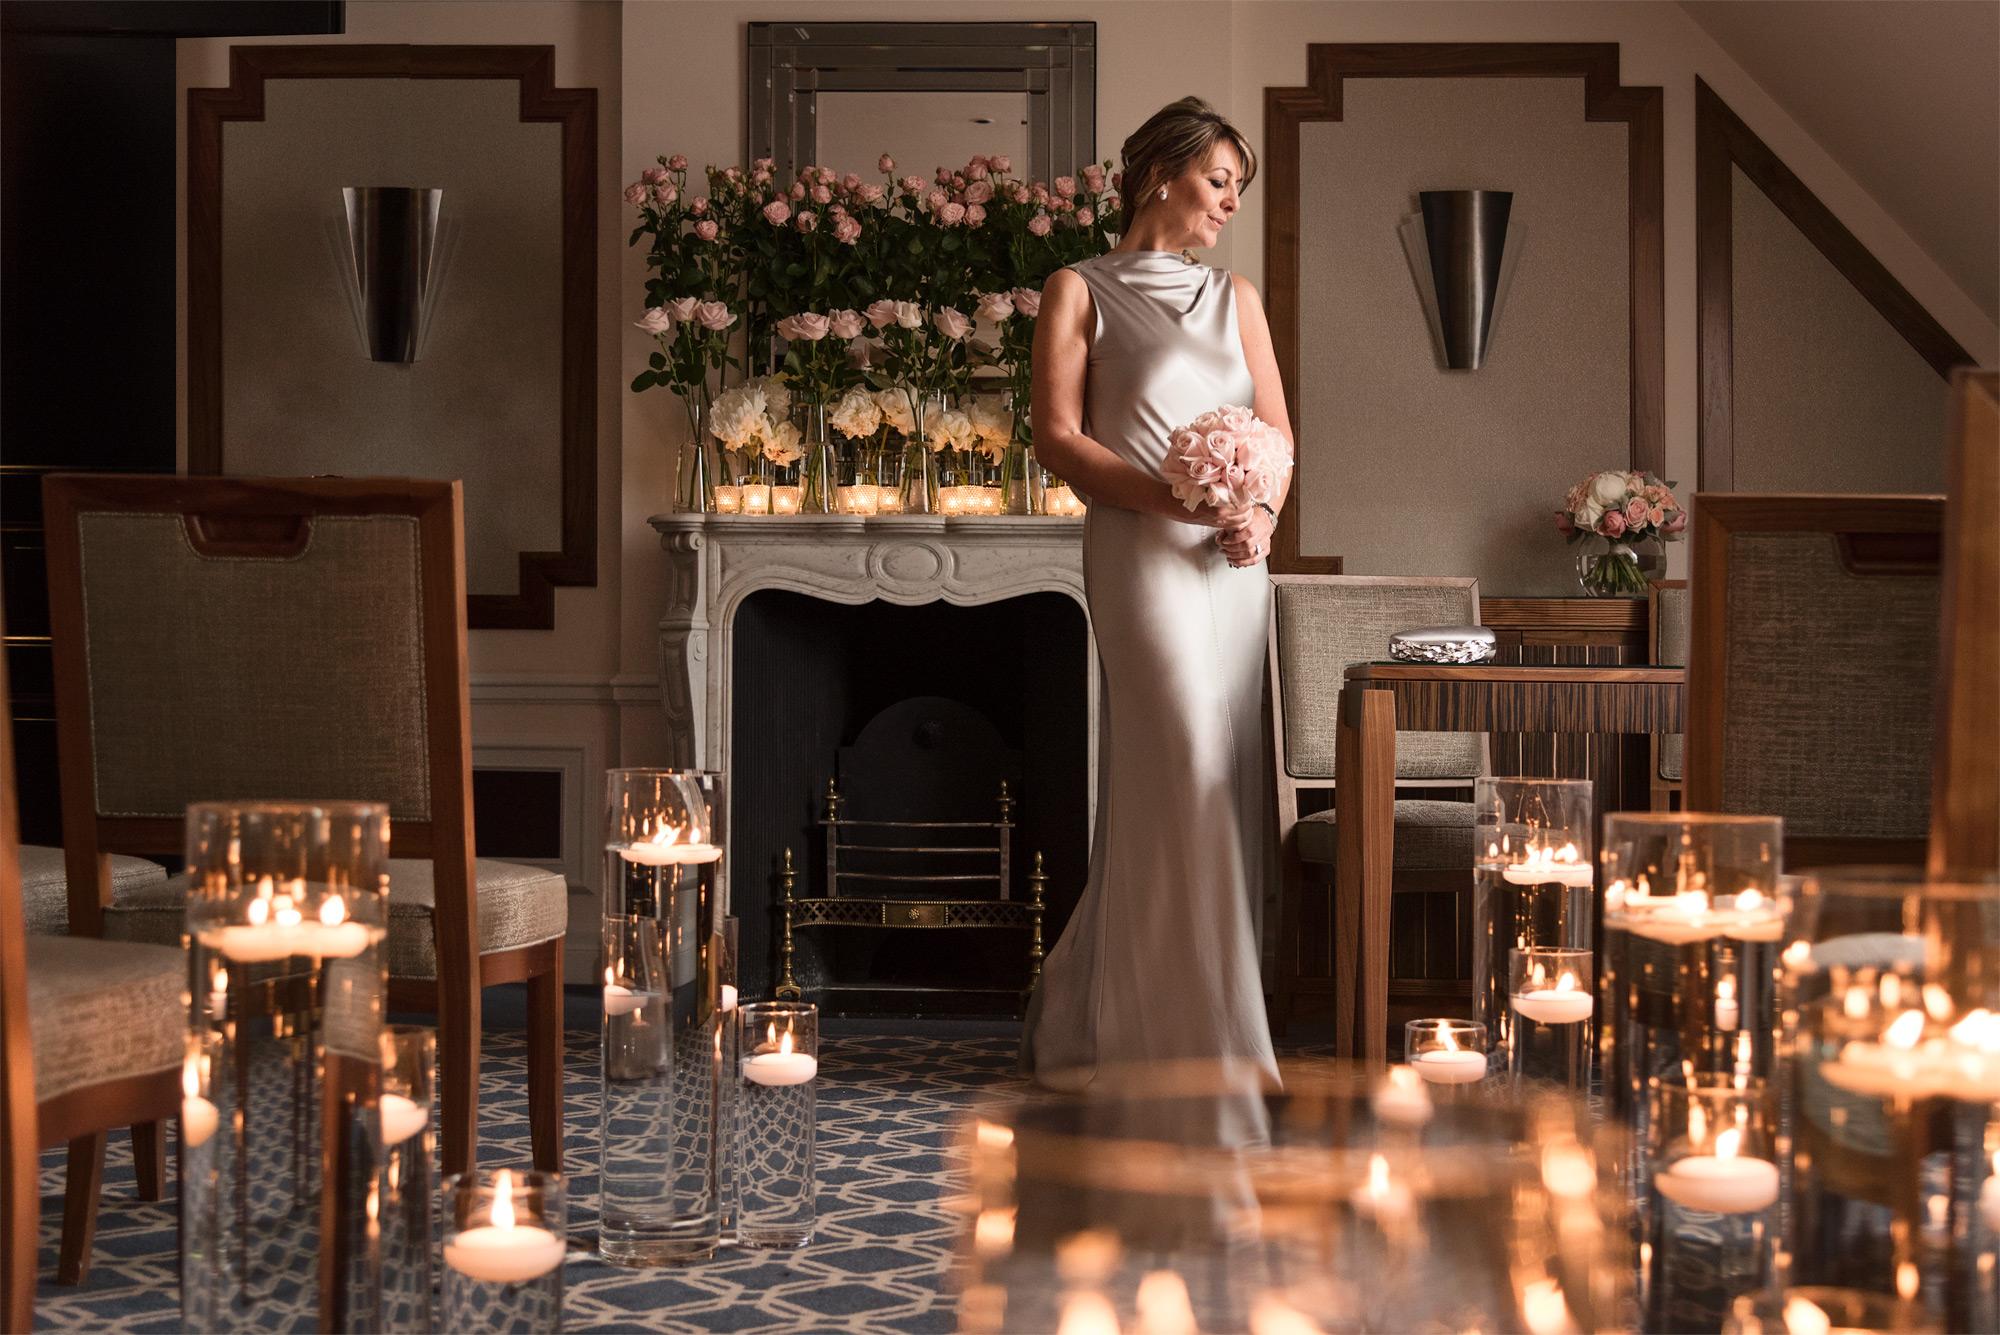 claridges-bride-in-cermony-room-mcqueens-flowers